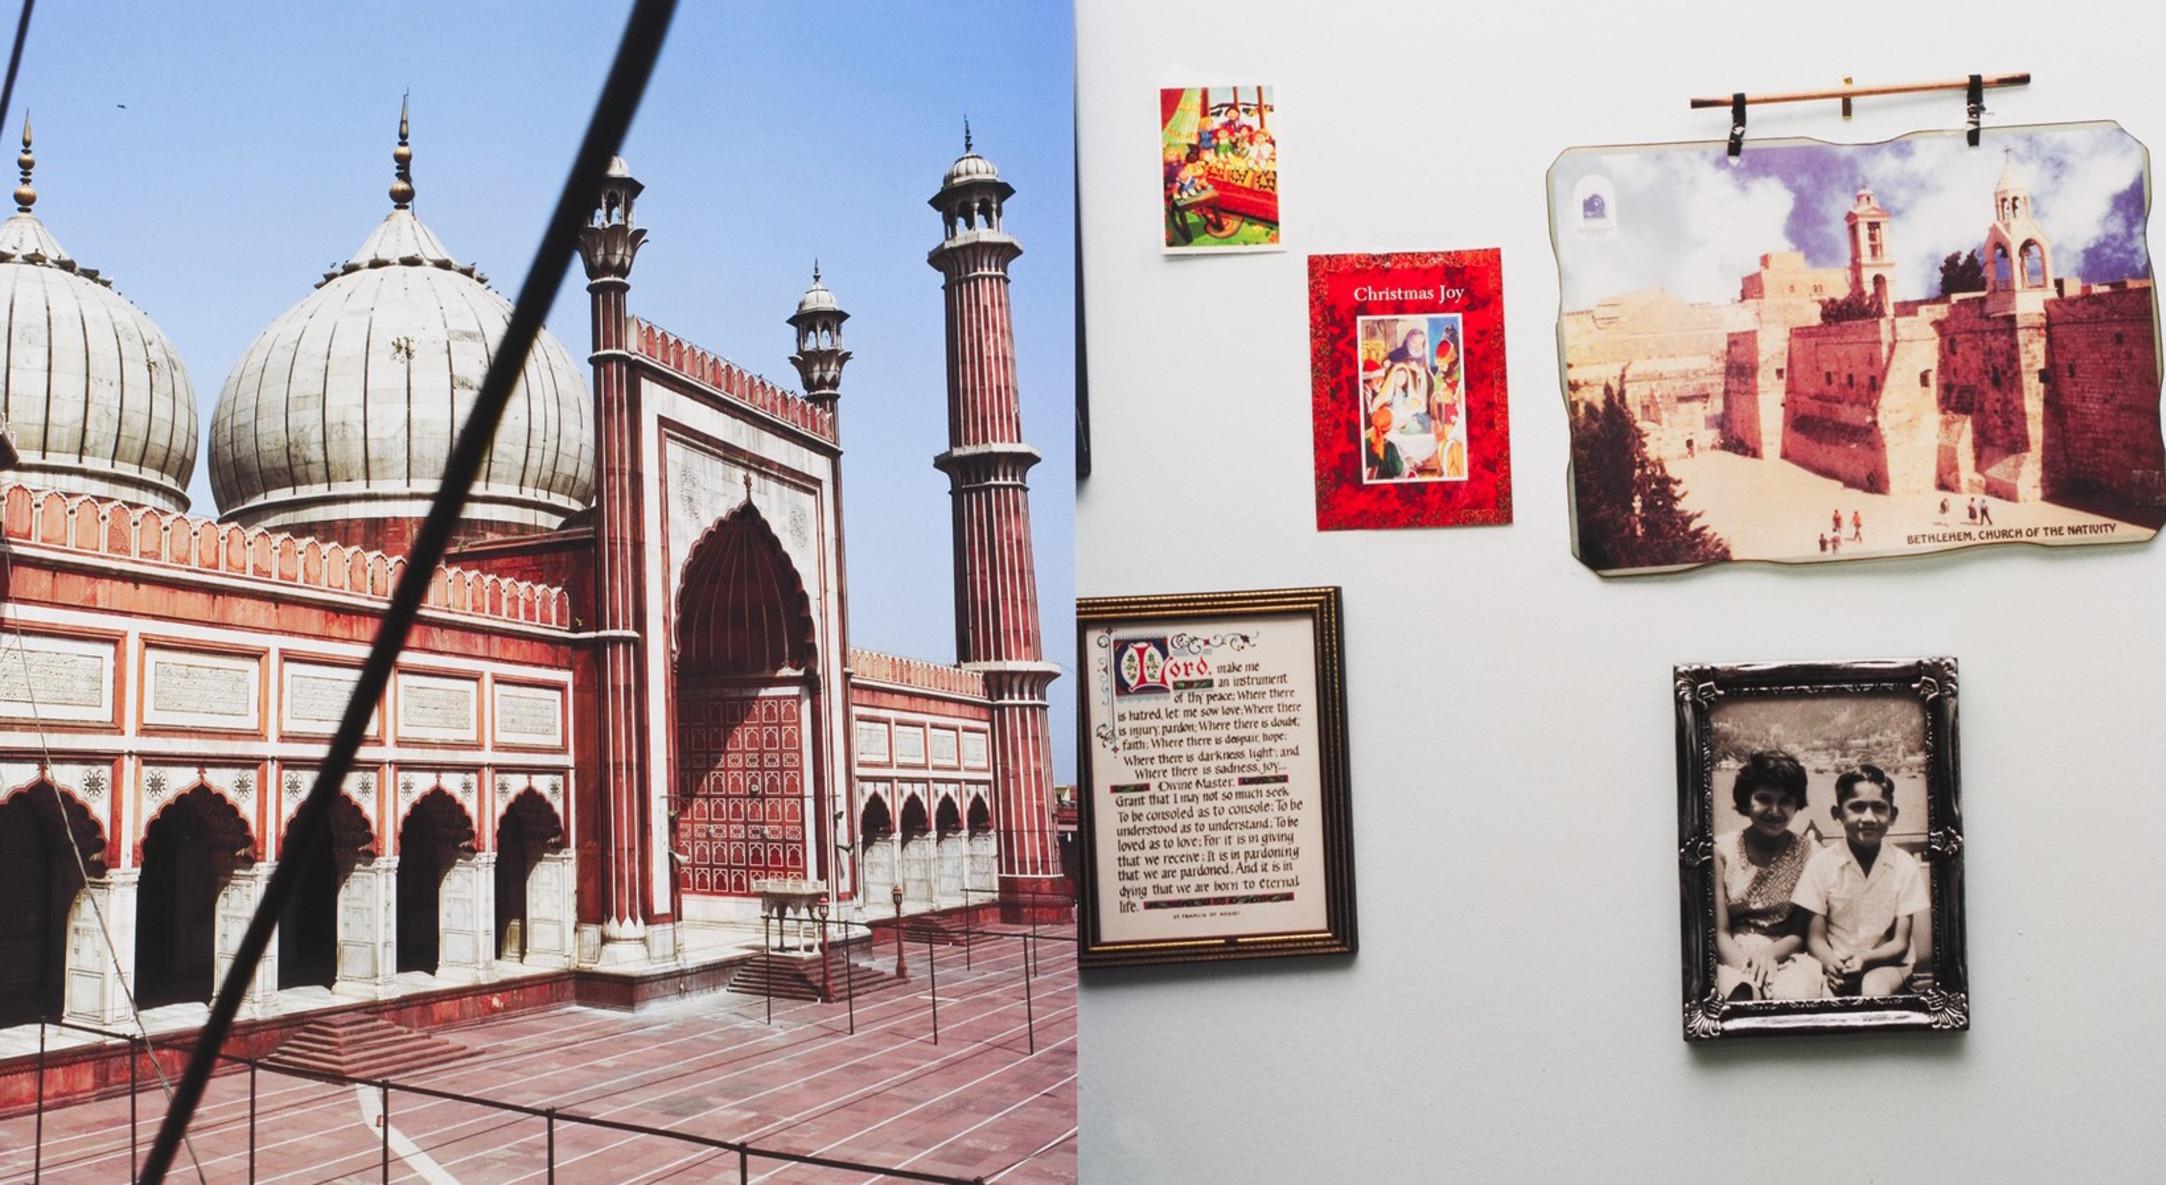 Sunil Gupta, Jama Masjid, Delhi/Boulevard René Lévesque Ouest, Montréal, 2001-2003, (detail)